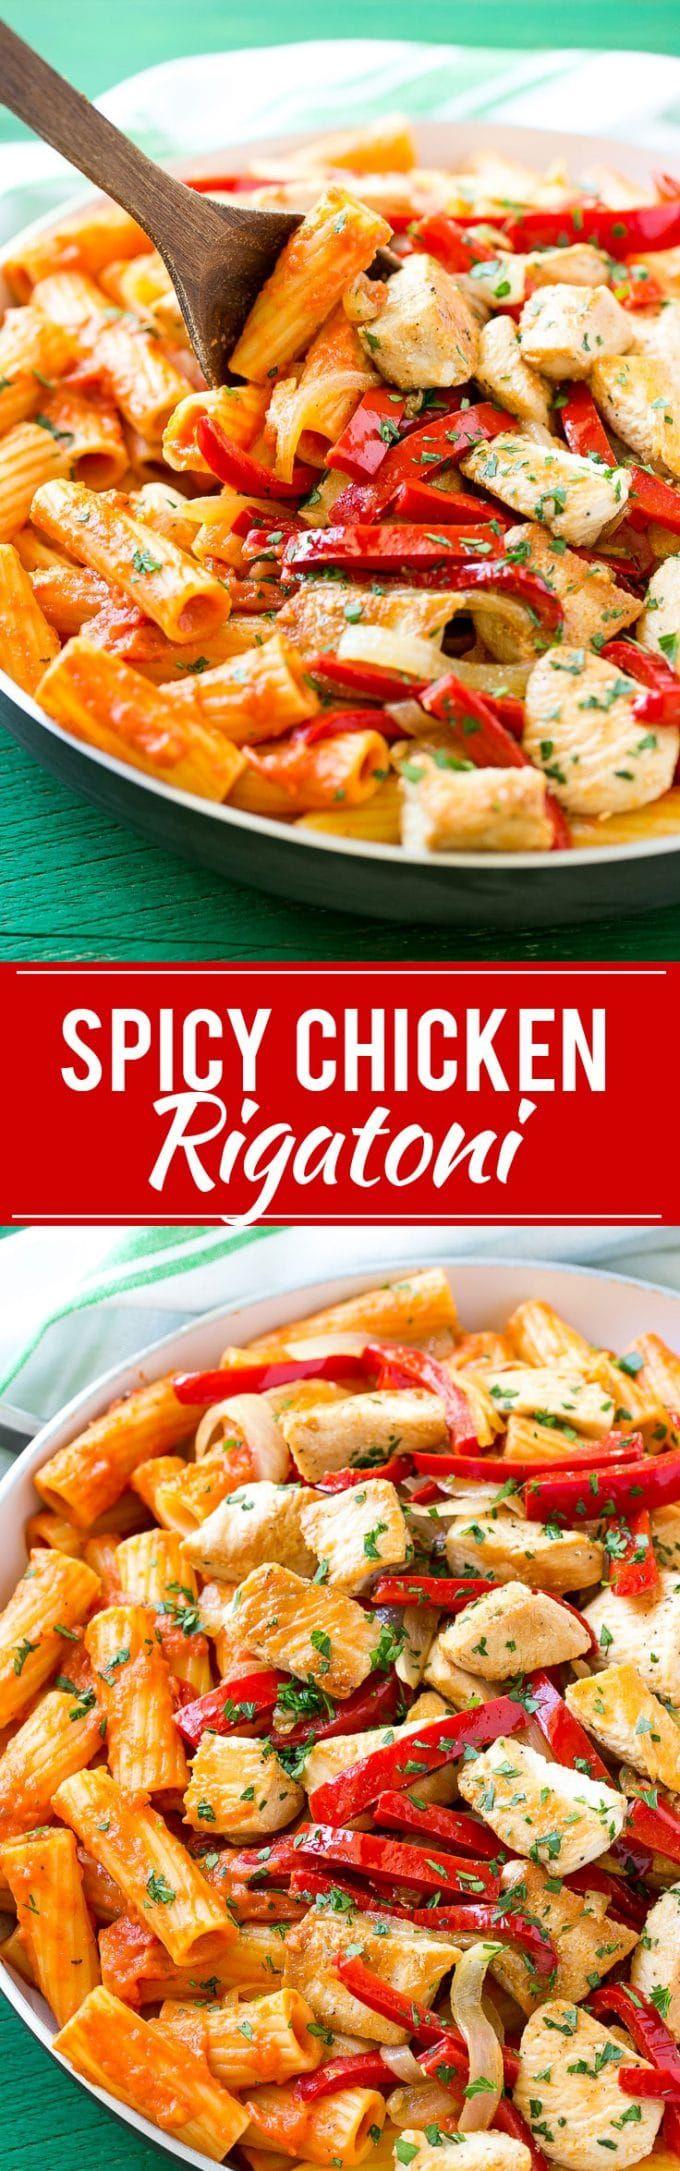 Chicken Riggies Recipe | Chicken Pasta | Chicken Rigatoni Pasta | Easy Chicken Pasta | Best Chicken Pasta